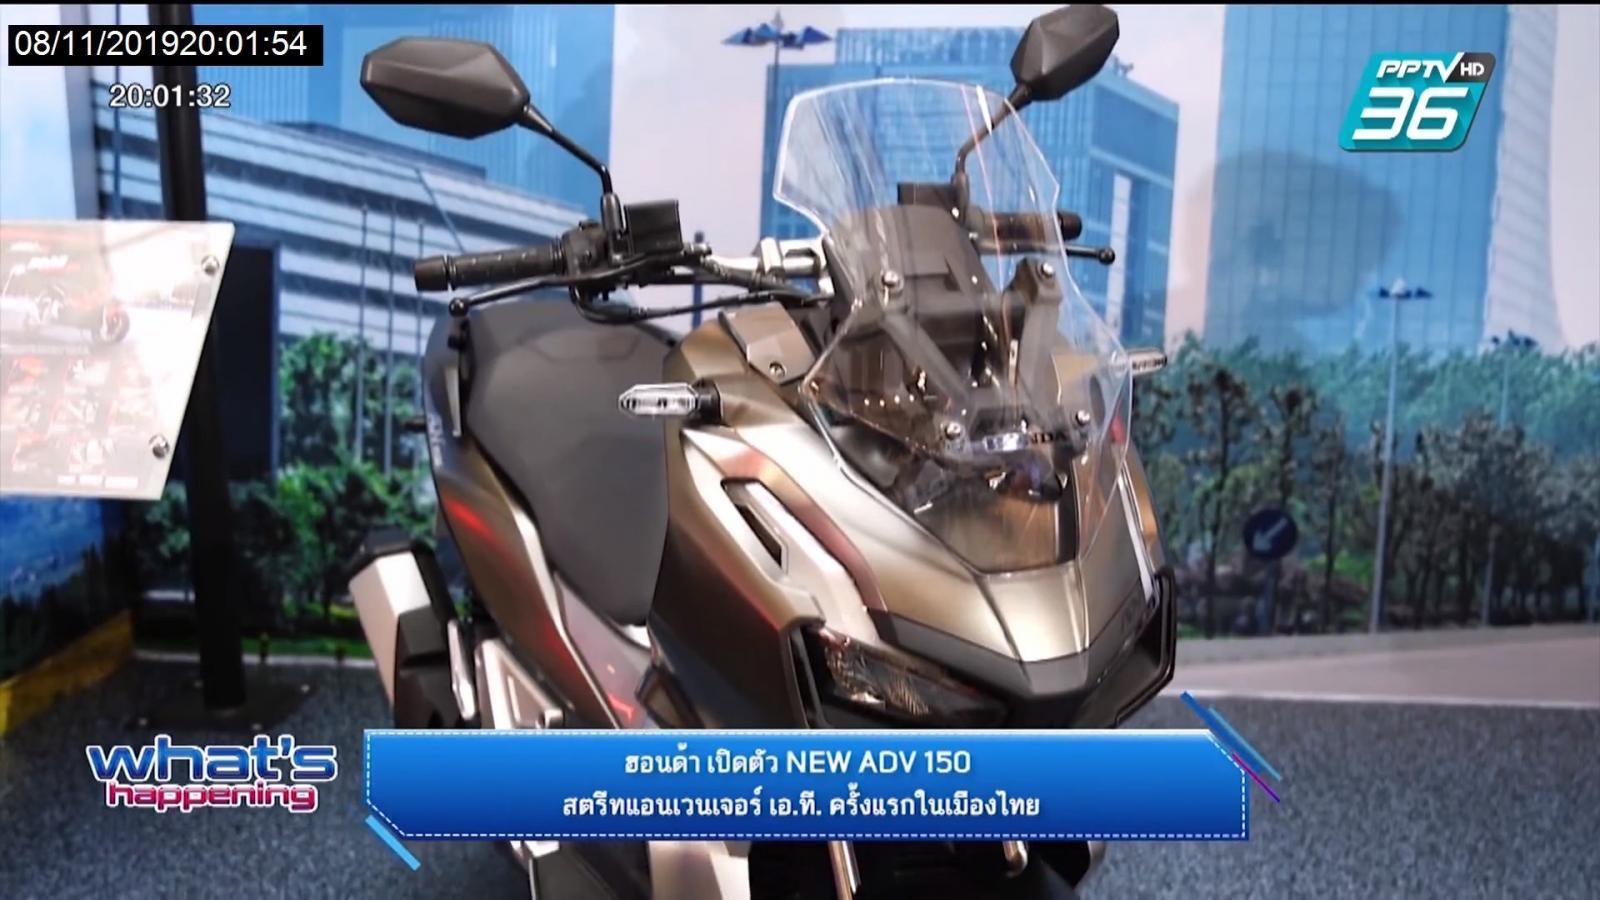 """ฮอนด้าเปิดตัว """"NEW ADV 150"""" สตีทแอนเวนเจอร์ เอ.ที. ครั้กแรกในเมืองไทย"""